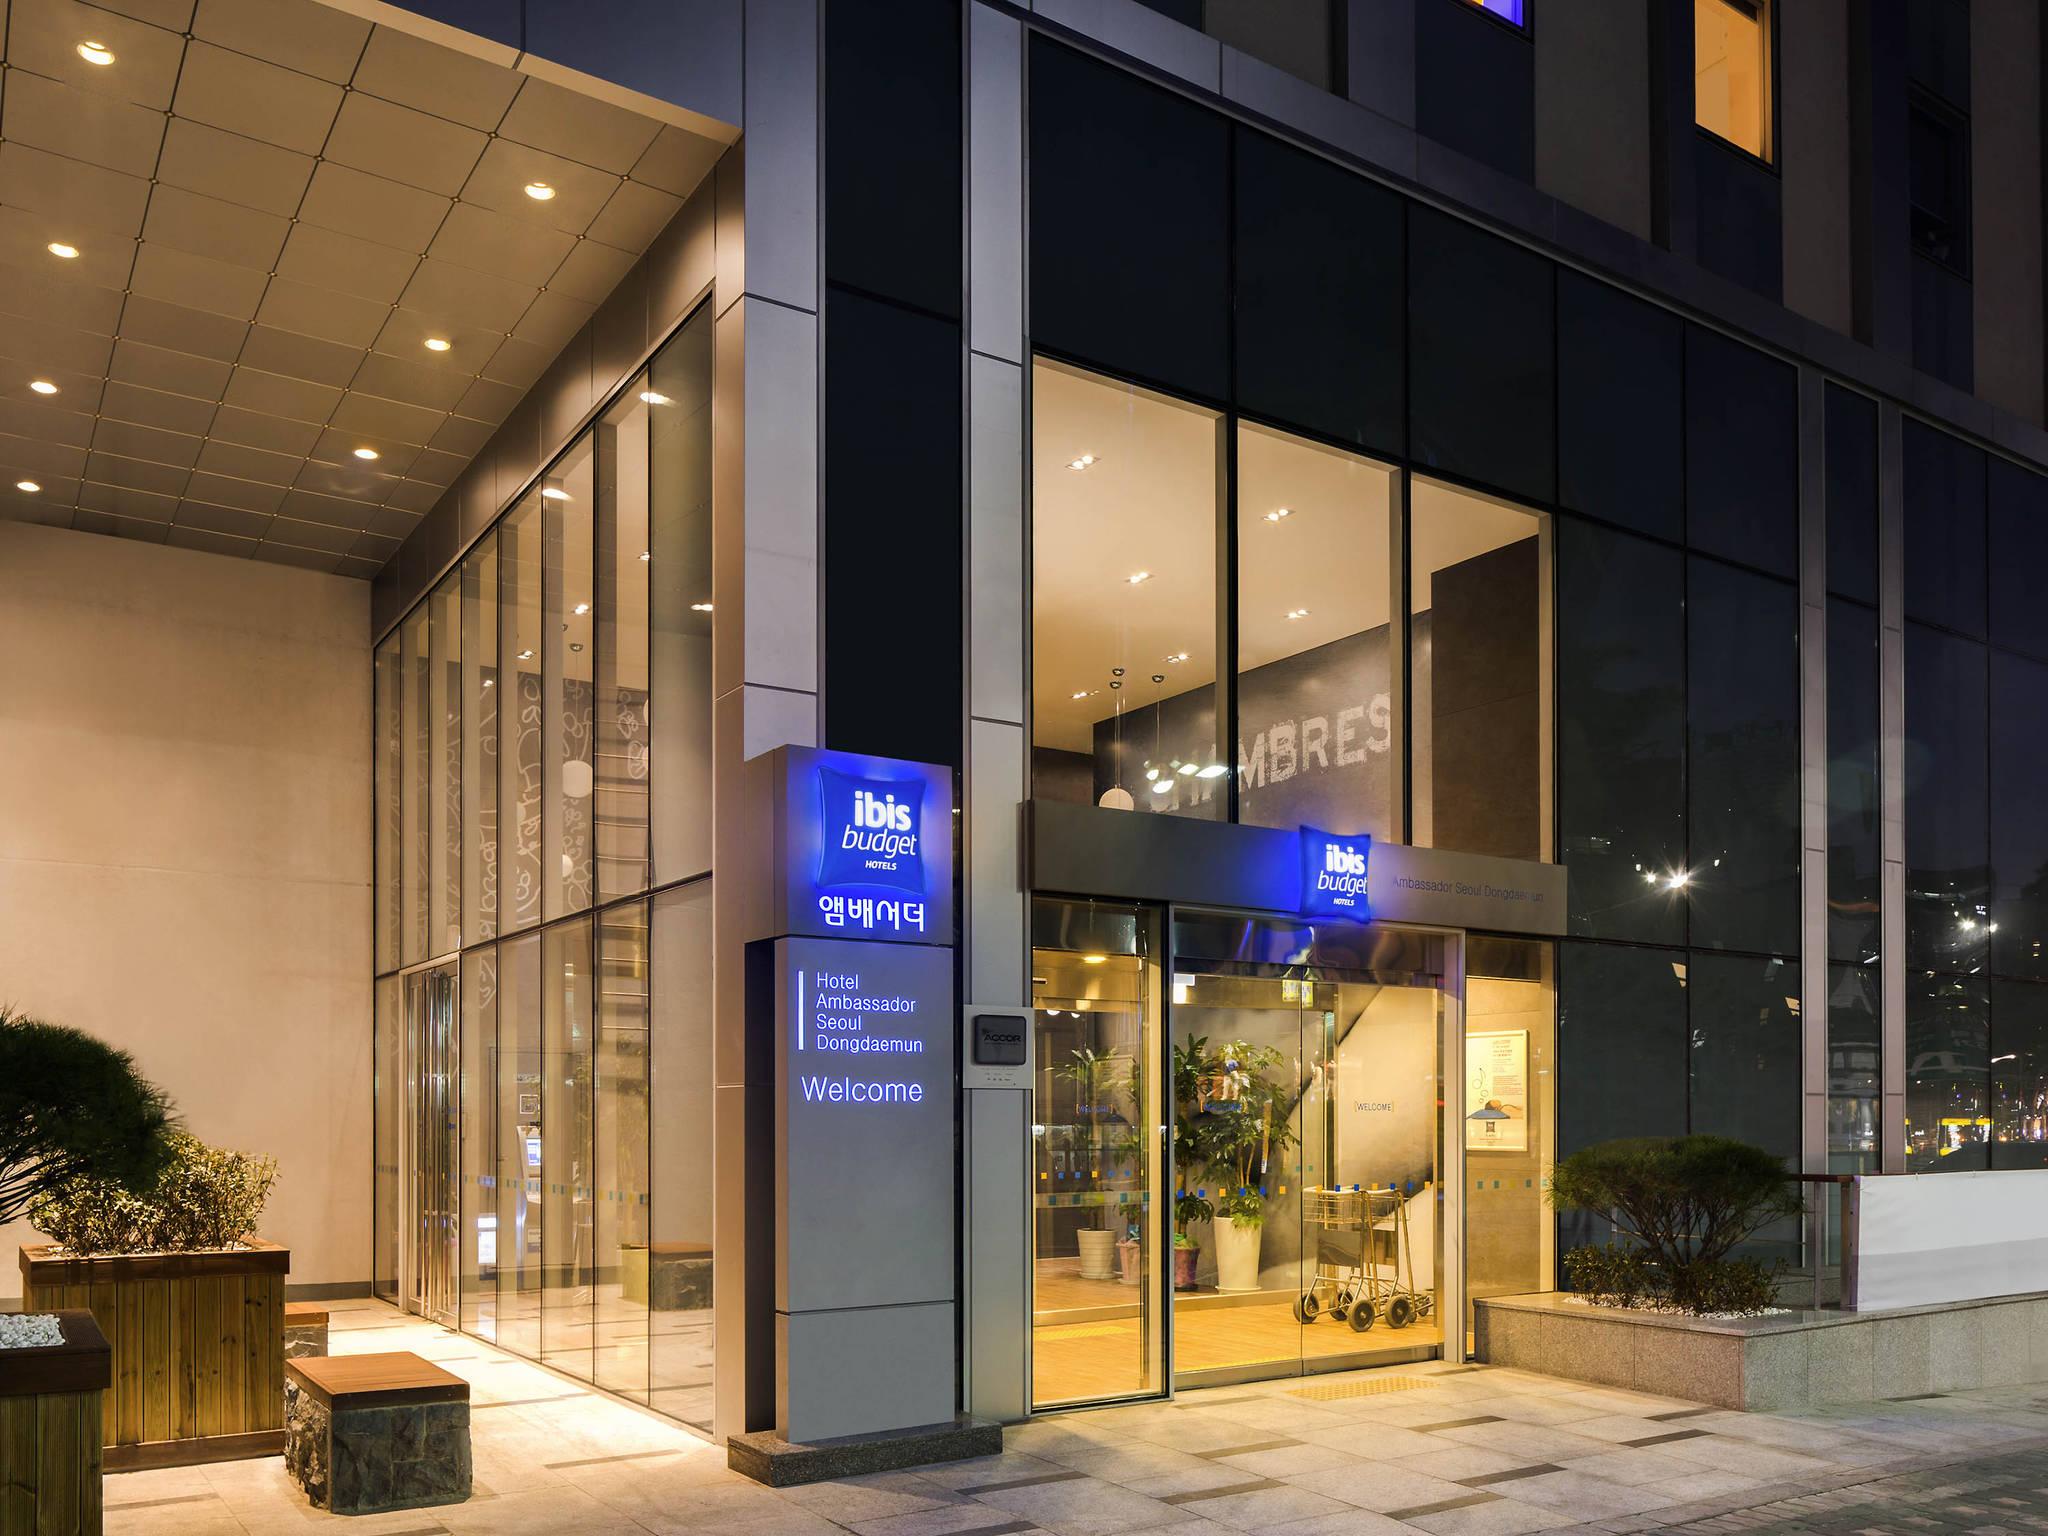 ホテル – イビス バジェット アンバサダー ソウル 東大門